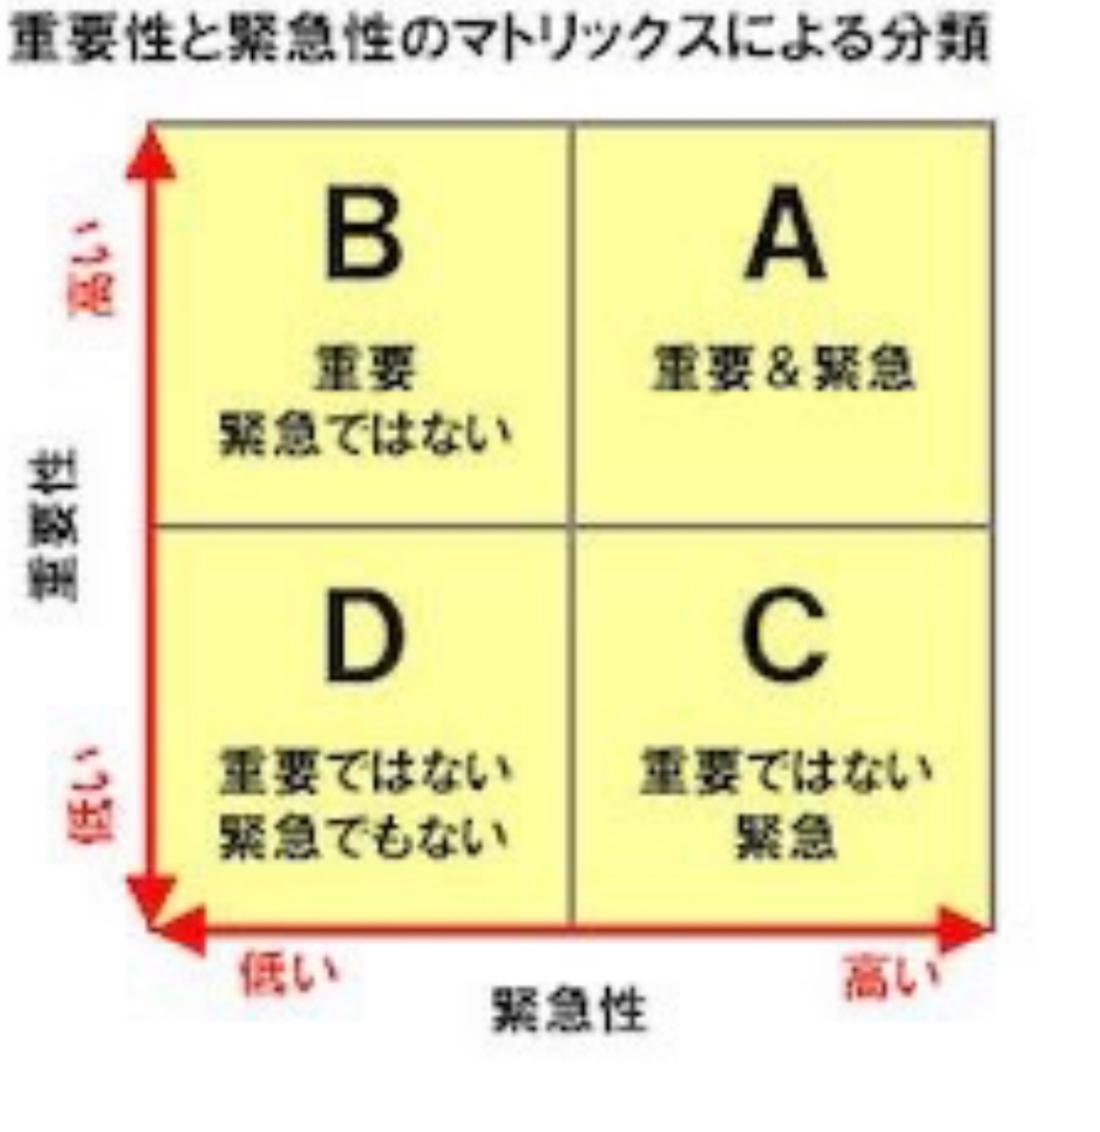 F2B98577-A991-41FD-804C-1BCA00B36E73